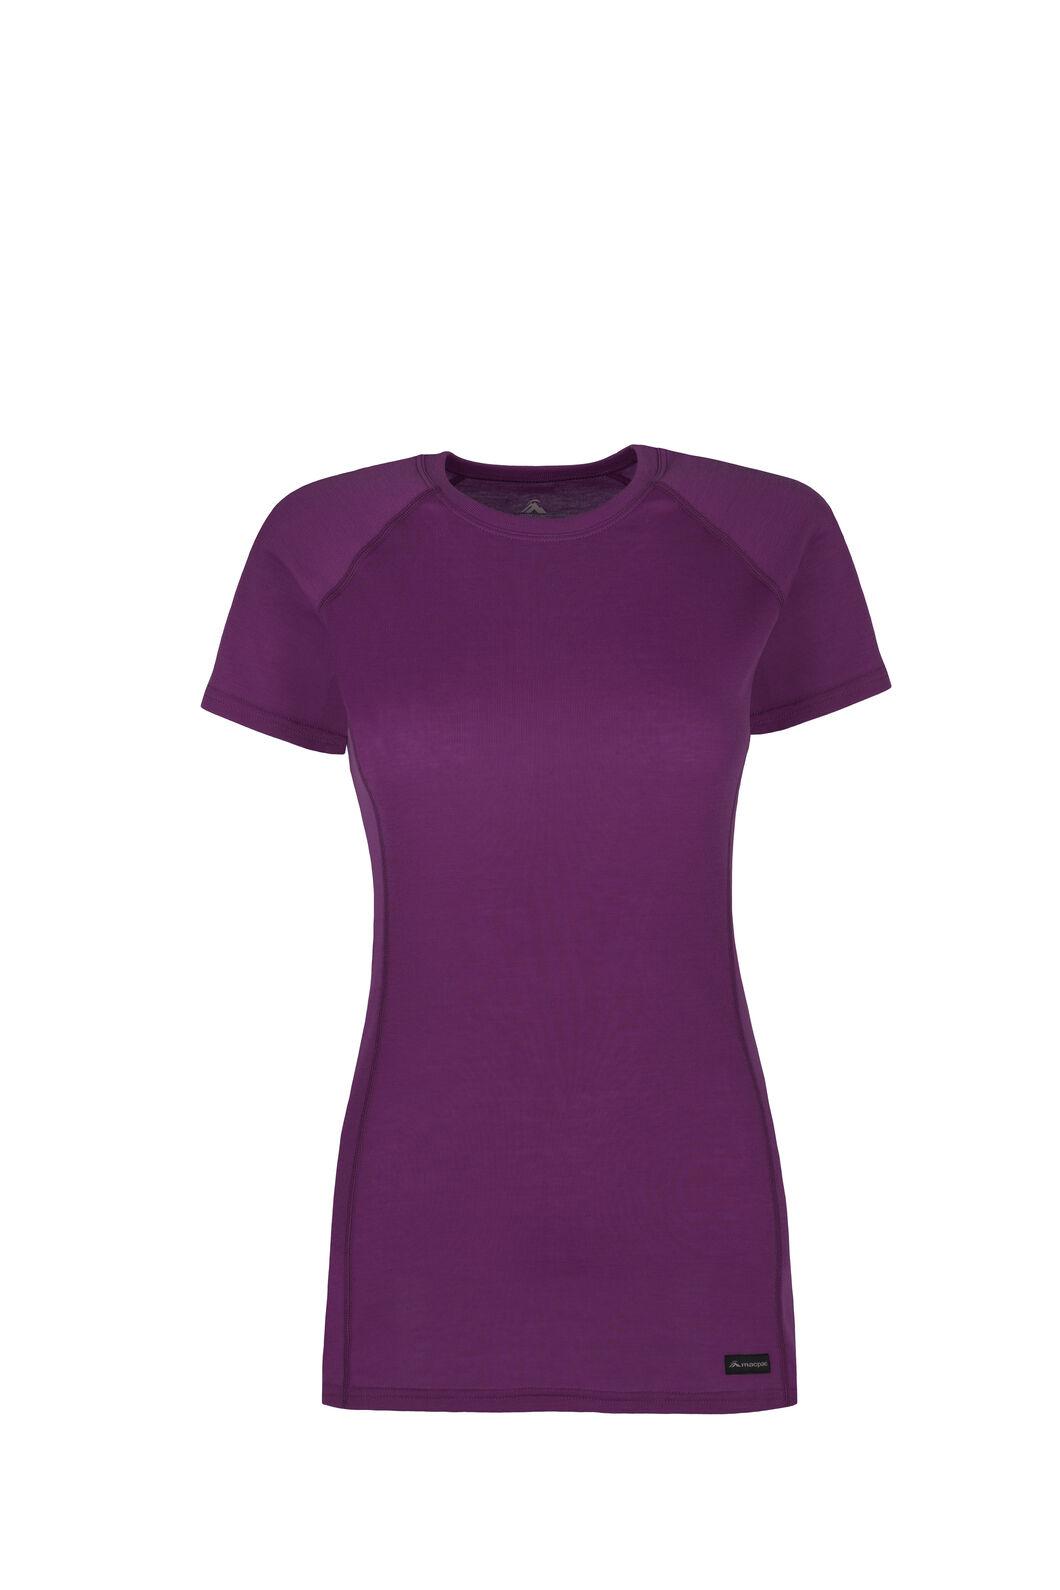 Macpac Geothermal Short Sleeve Top - Women's, Dahlia, hi-res